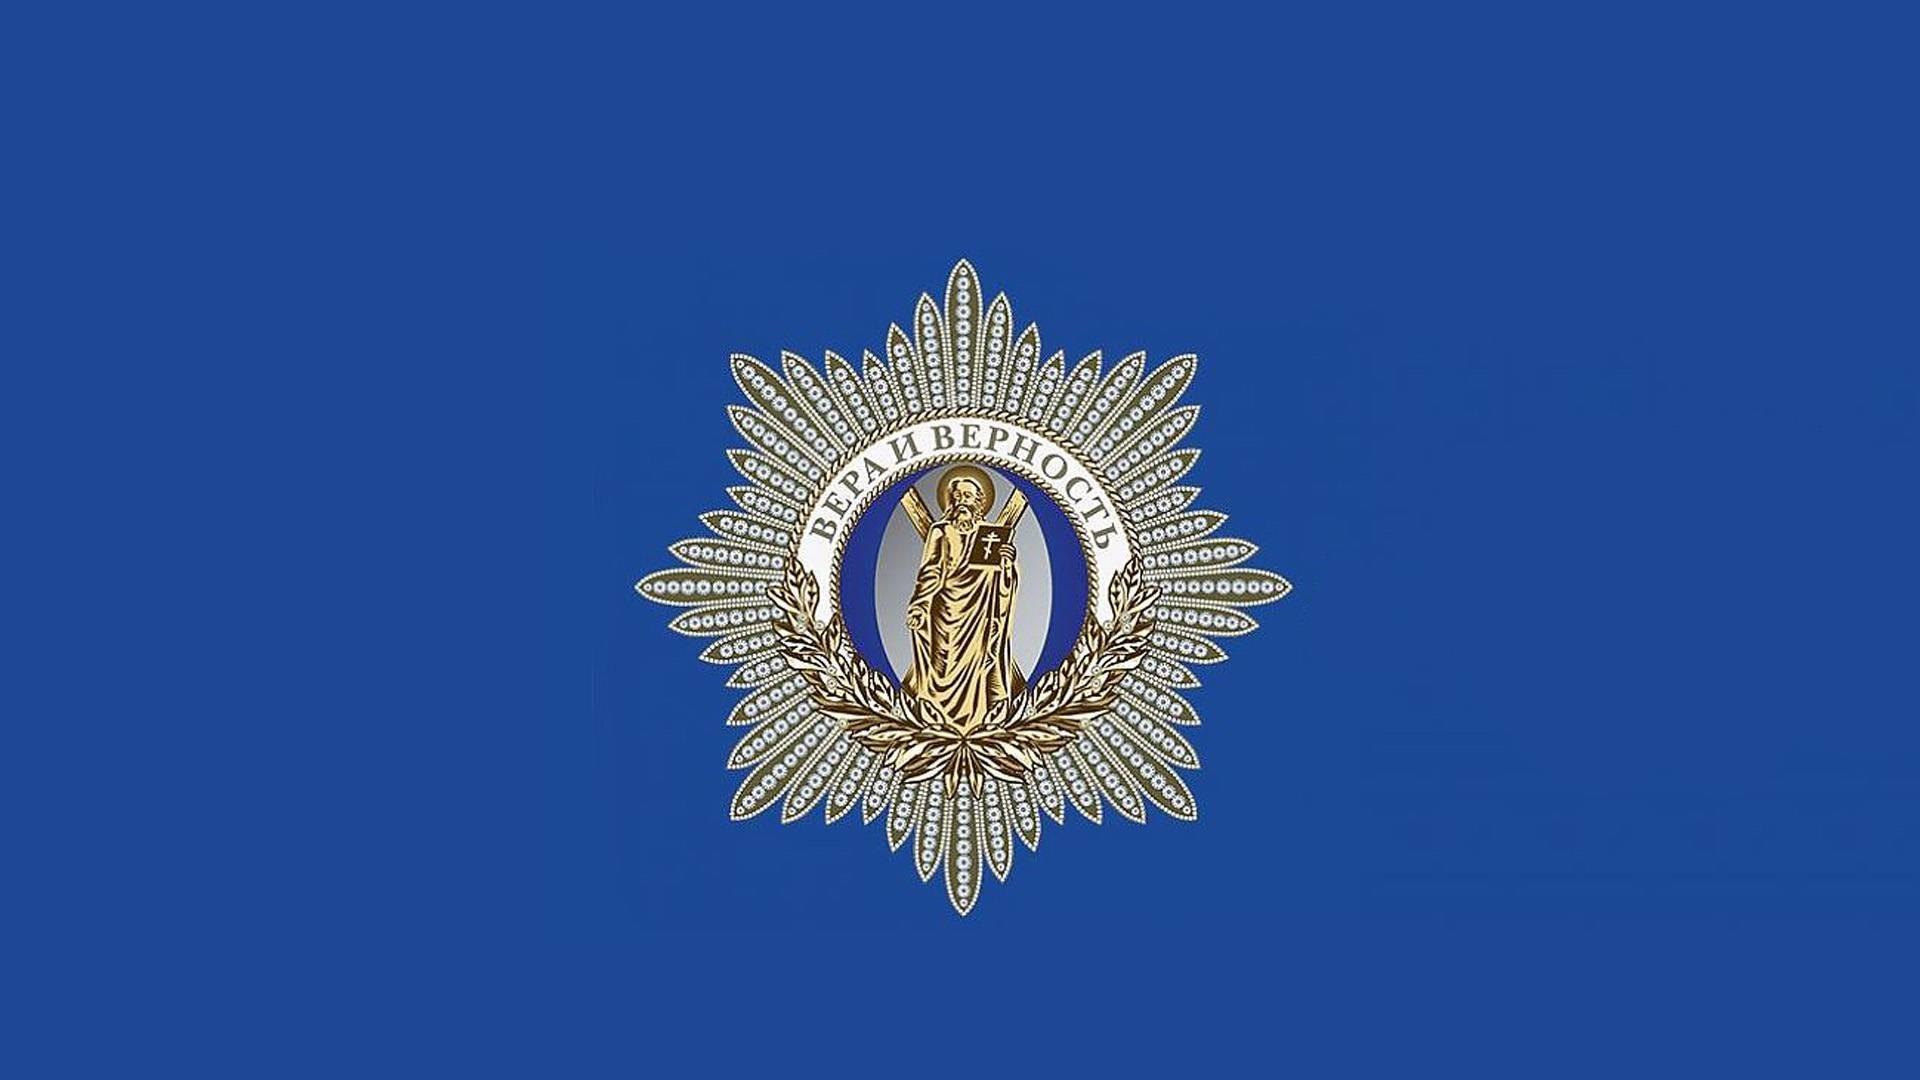 ХХVII Церемония вручения Международной премии Андрея Первозванного «Вера и верность»